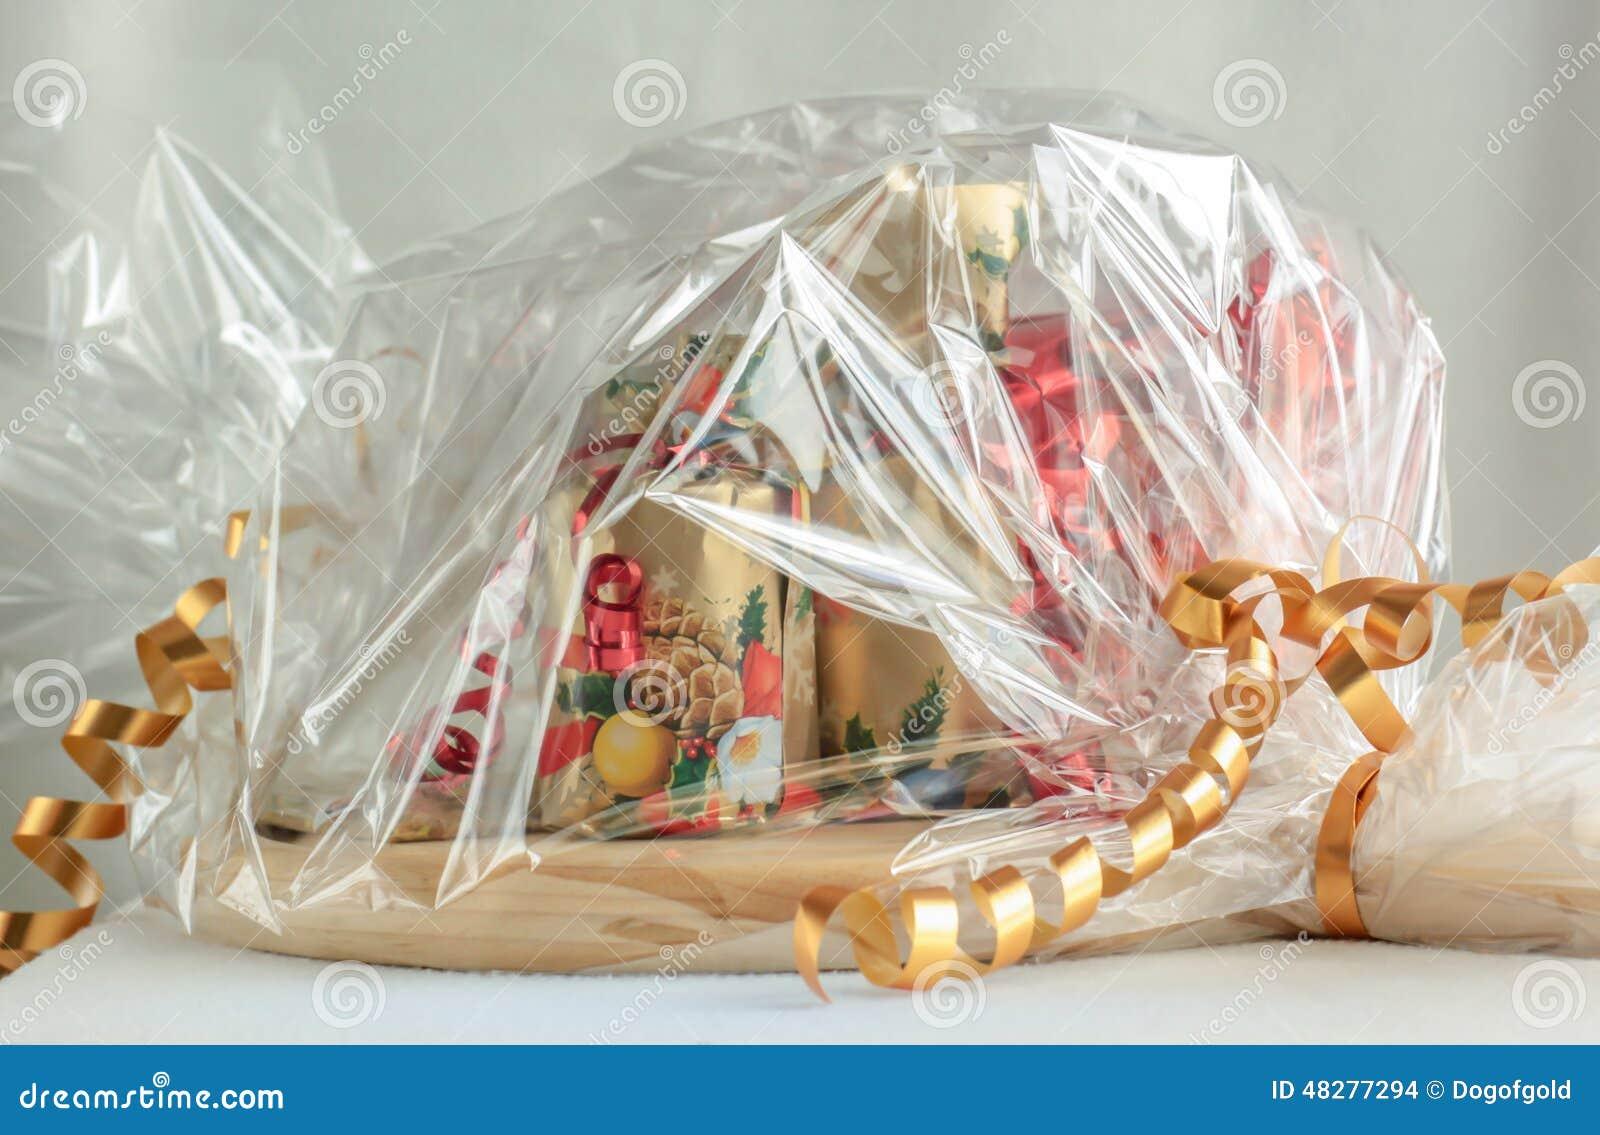 Weihnachtskorb stockfoto. Bild von nahrung, gelb, feinschmecker ...